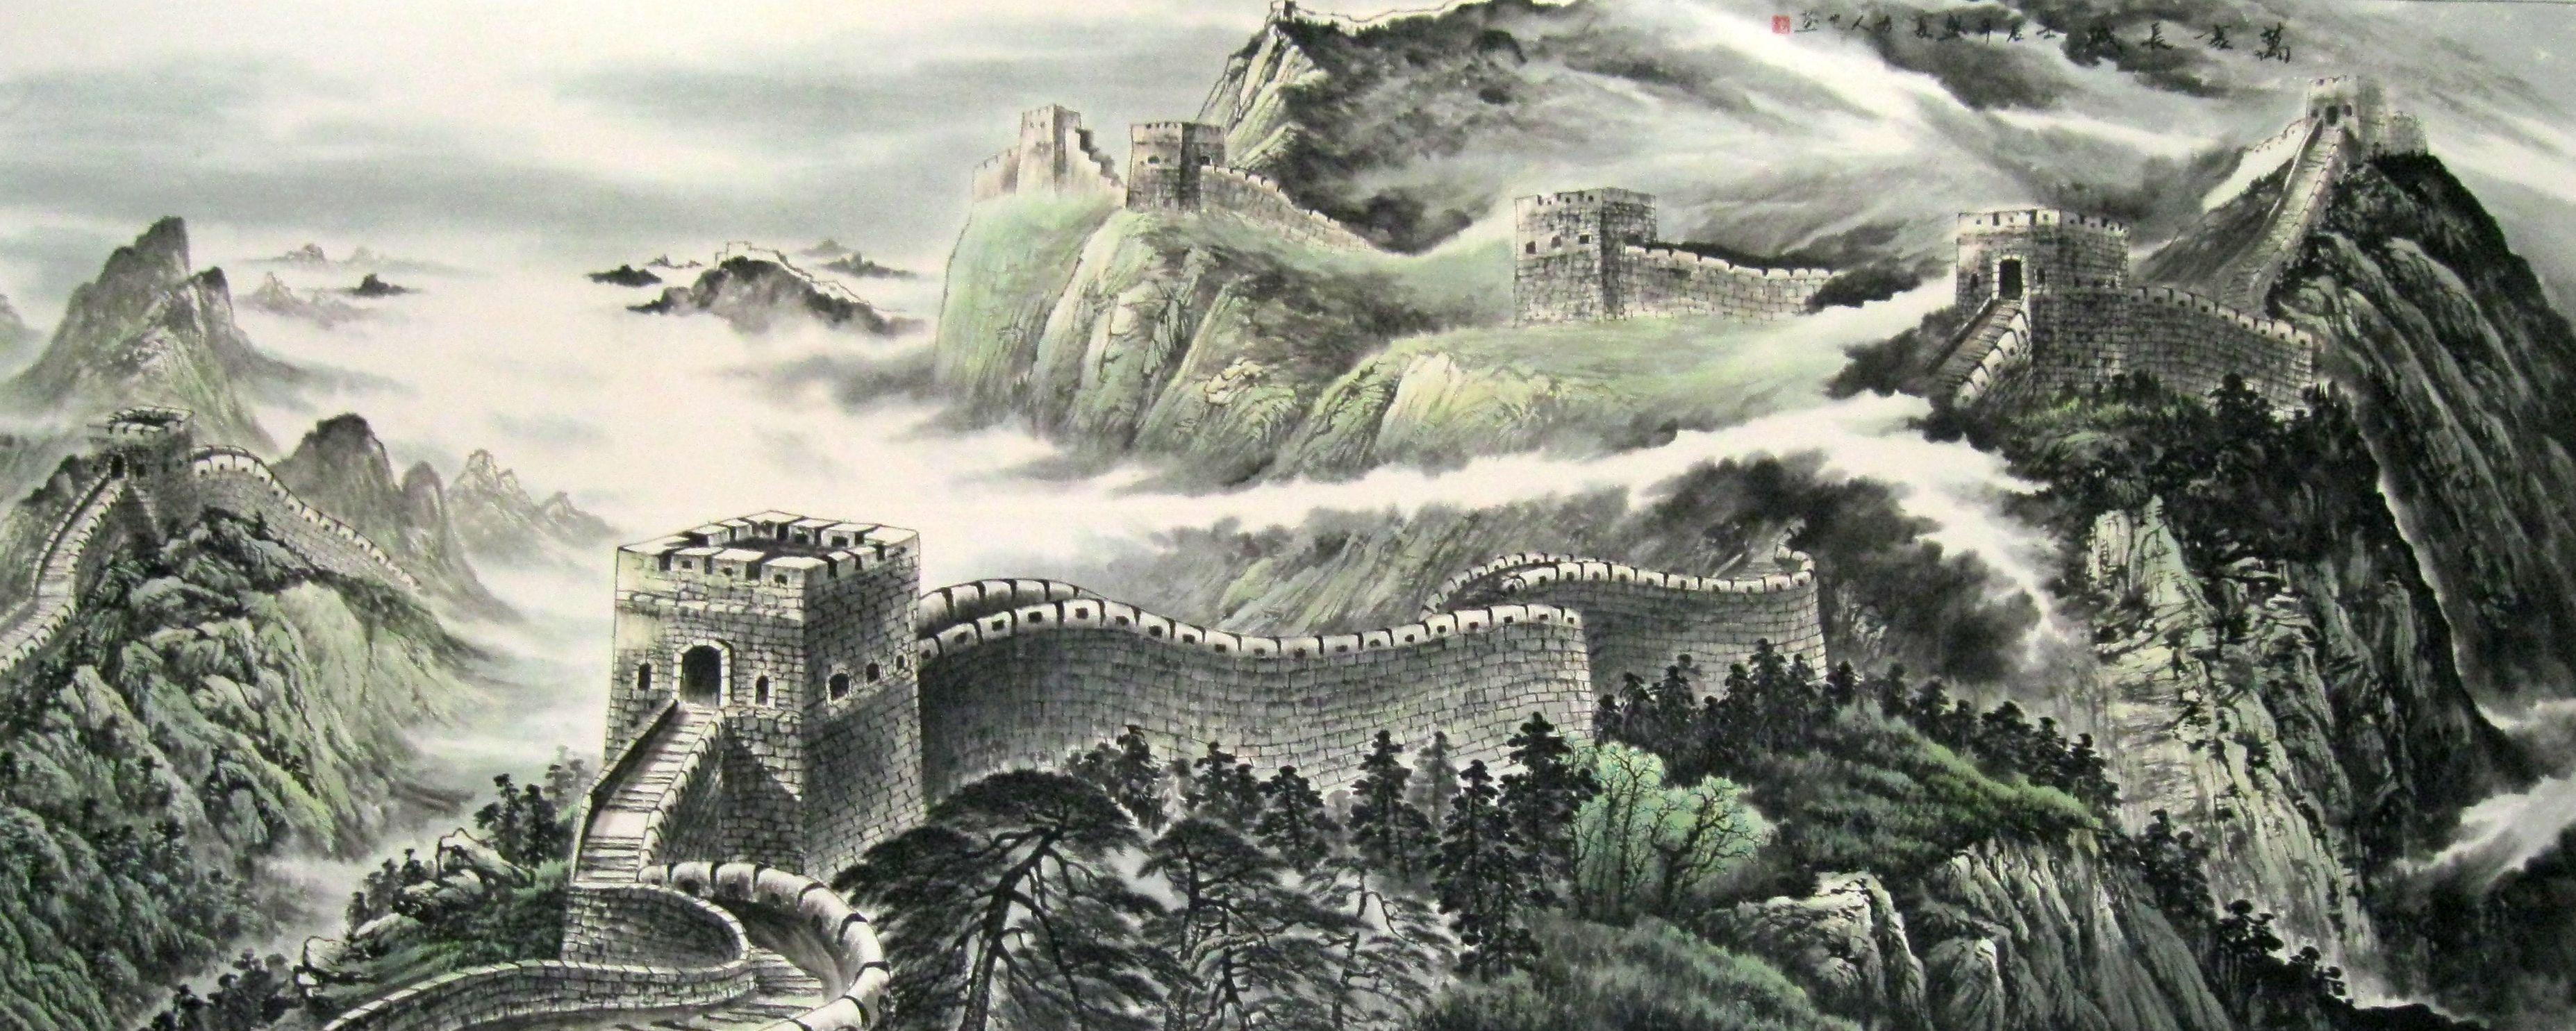 中国画流派之一.至宋初始分为 北方派系和江南派系.图片